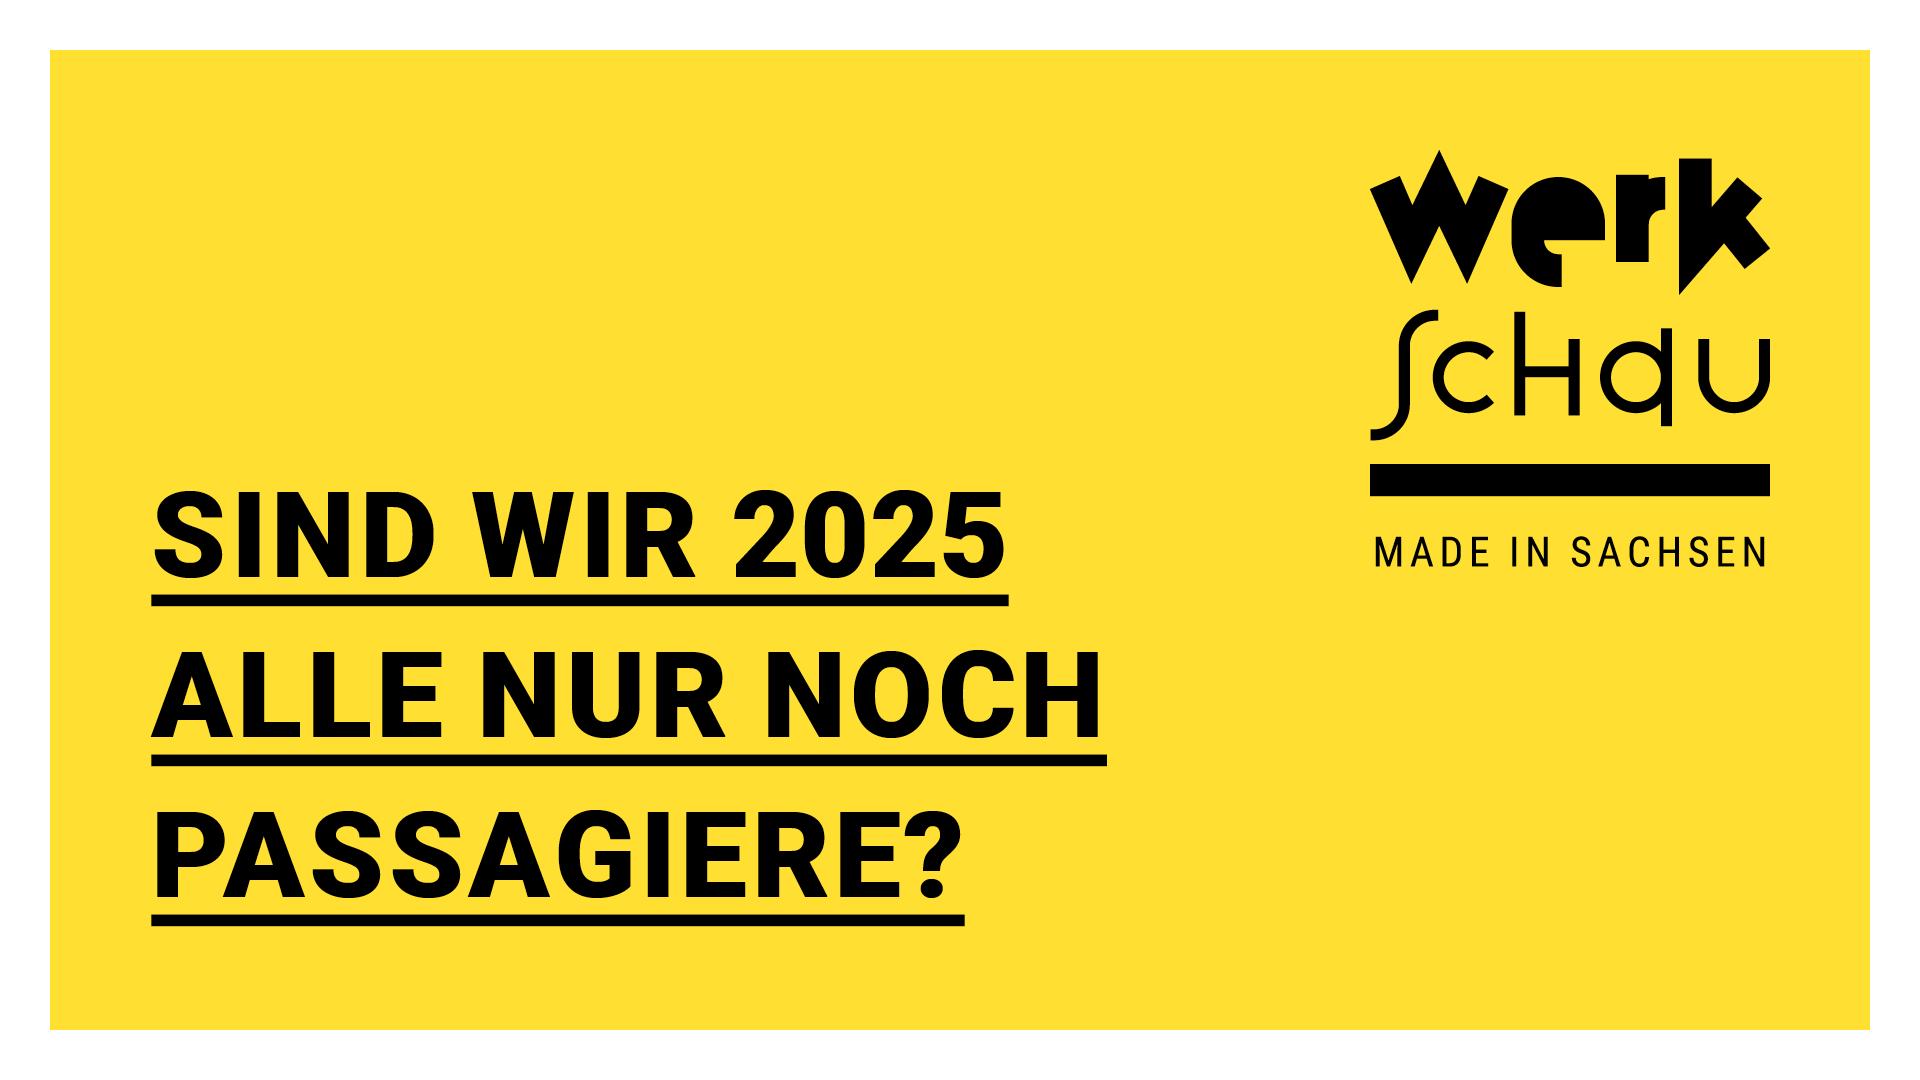 KreativesSachsen_WerkSchau_3hoch3-1